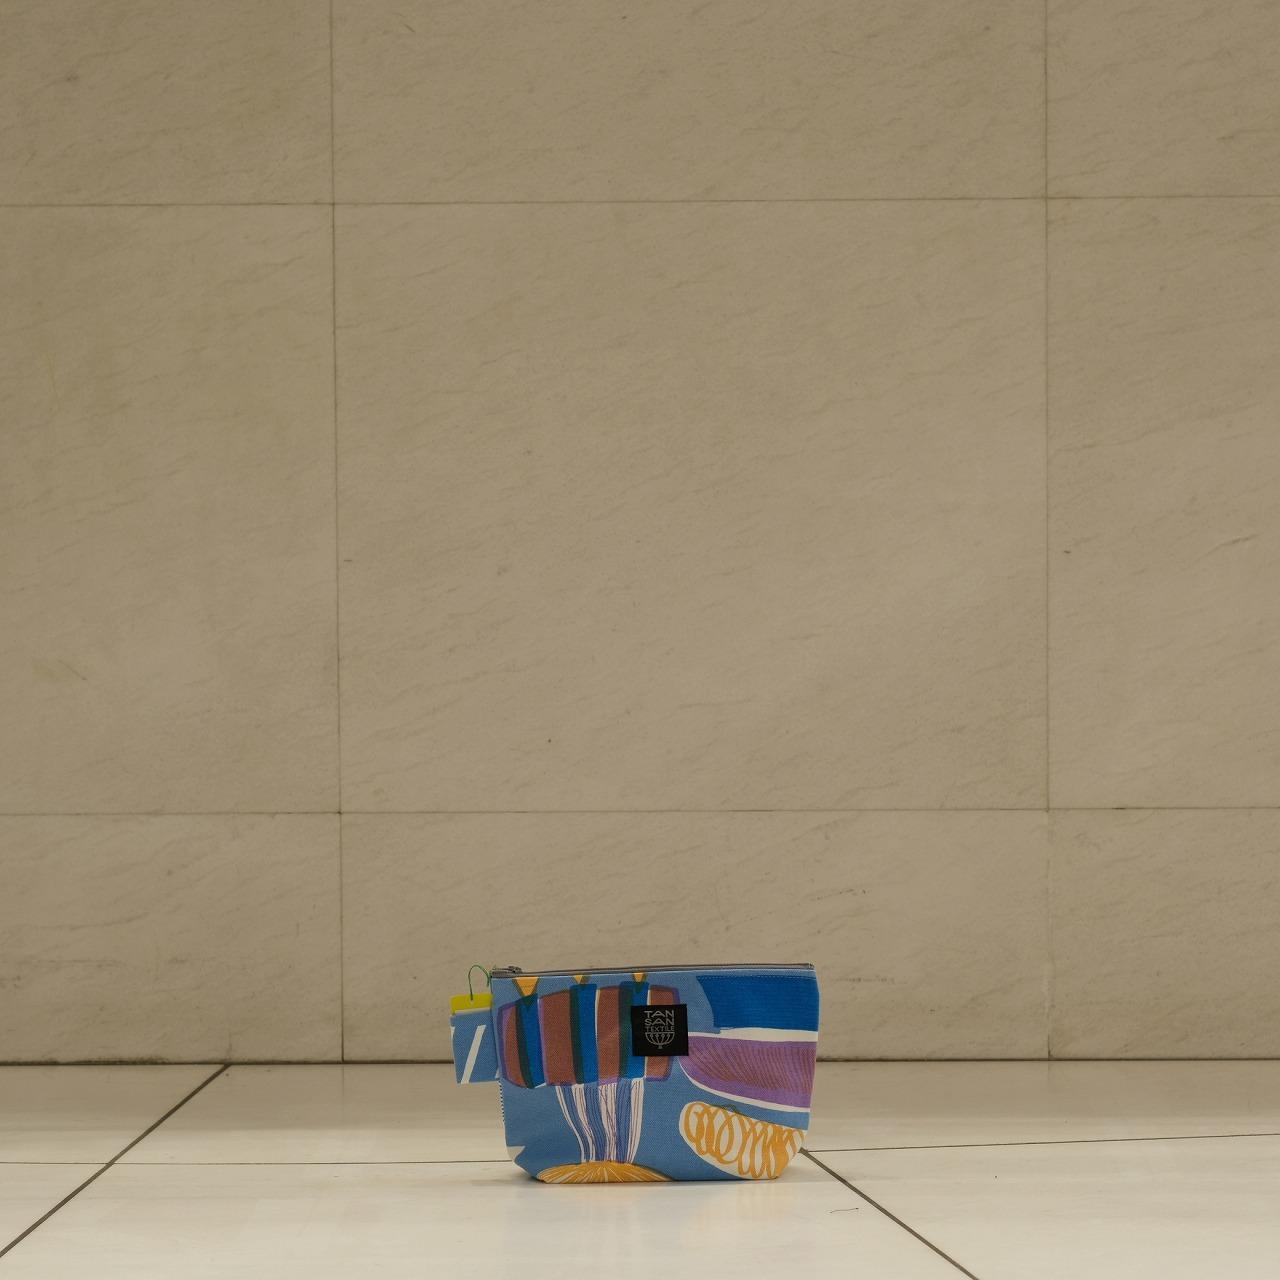 炭酸デザイン室 オンライン展示会 マチポーチM_d0182409_16582371.jpg